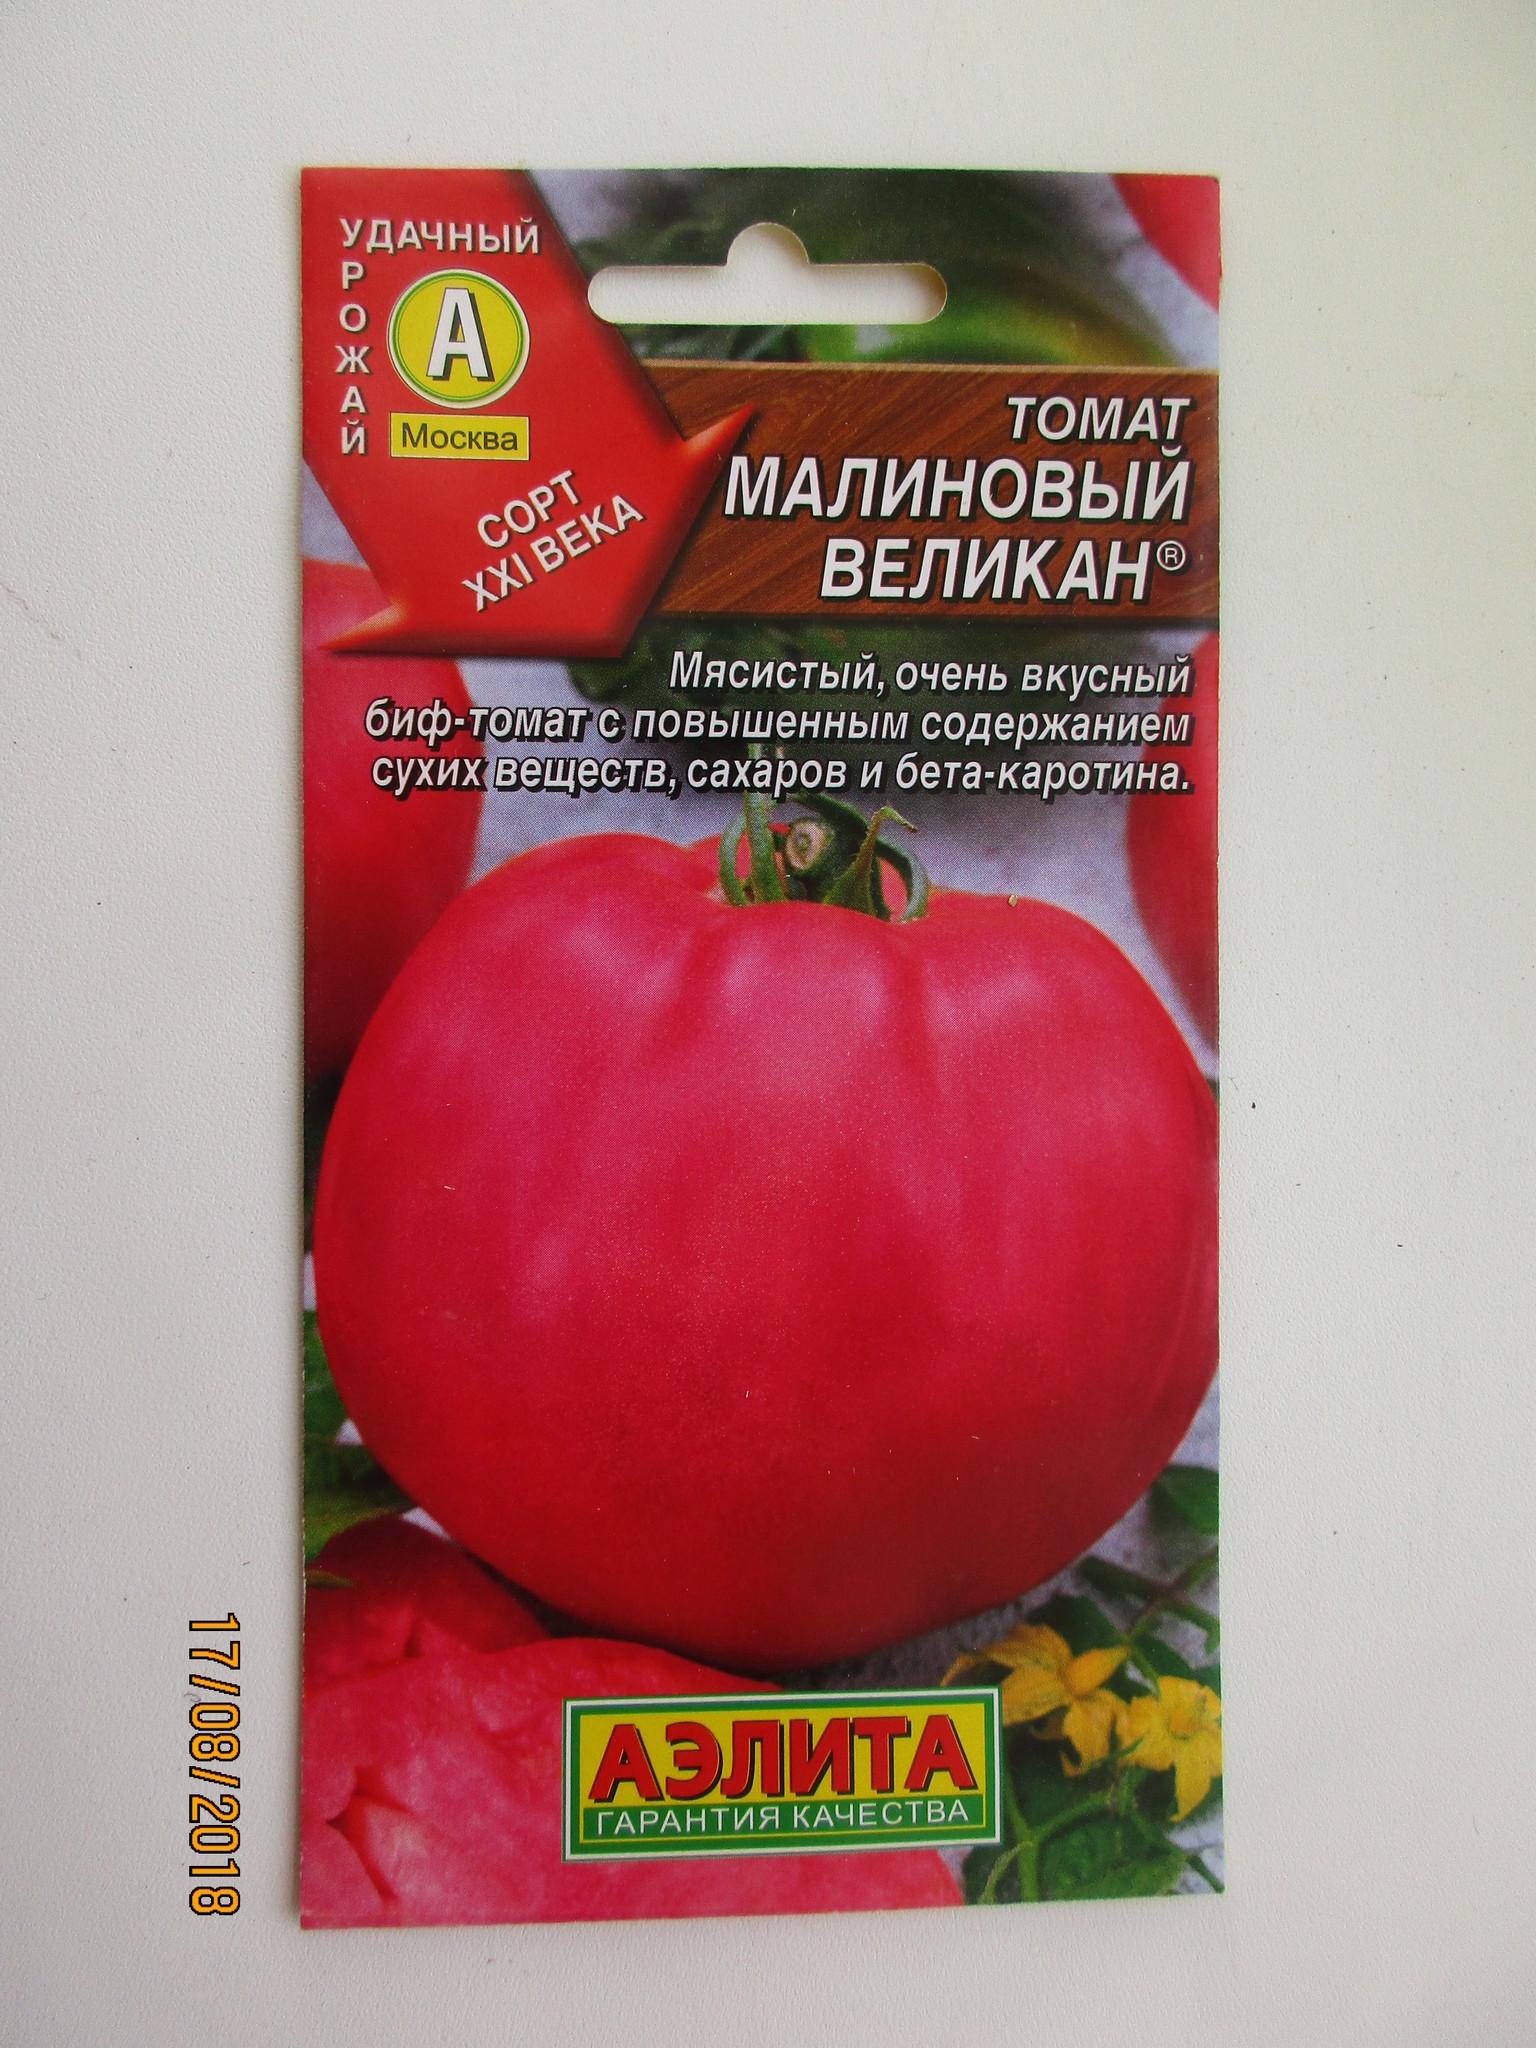 Описание гибридного томата рапсодия и рекомендации по выращиванию растения